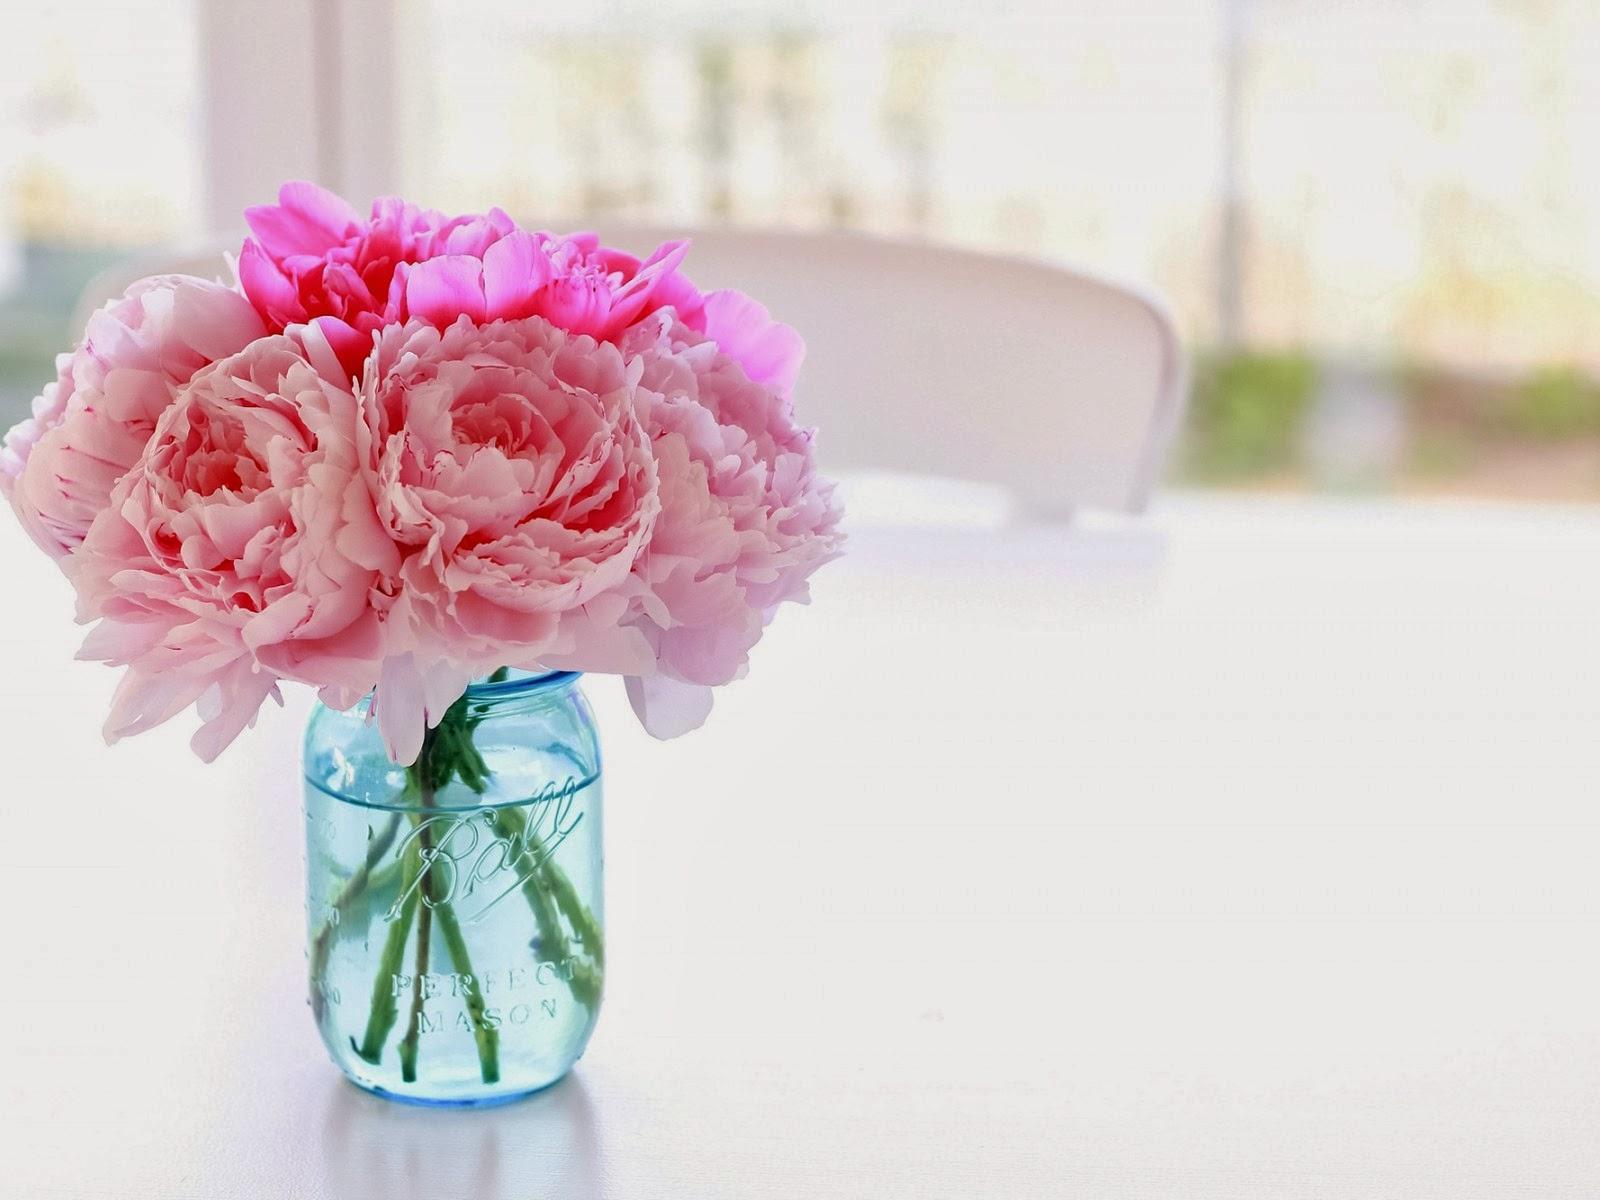 بالصور صور خلفيات ورد , اجمل الخلفيات الوردية الرائعه 4303 4